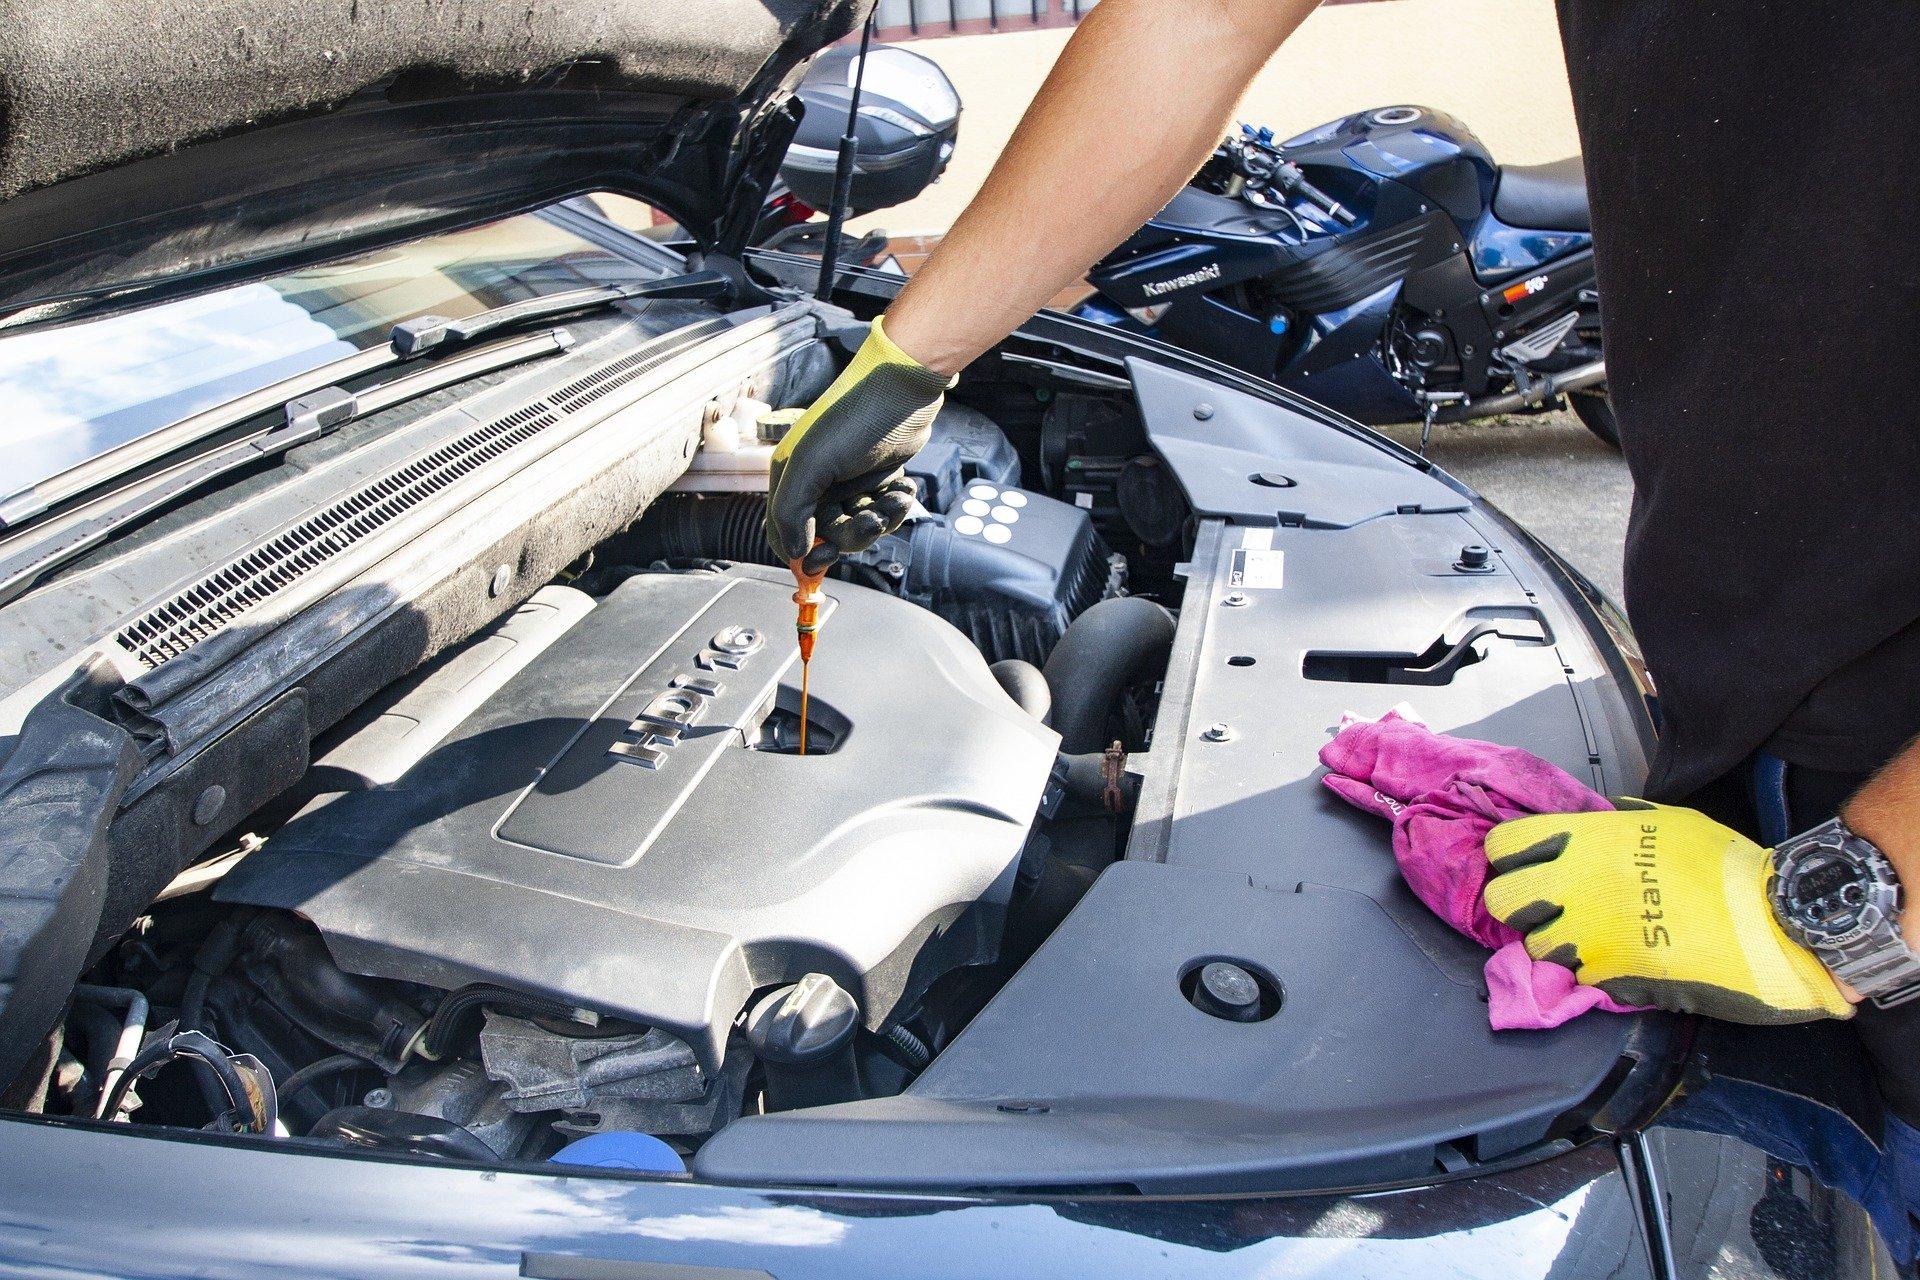 oil 3964367 1920 ZAMOŚĆ: Nielegalne oprogramowanie w warsztatach samochodowych